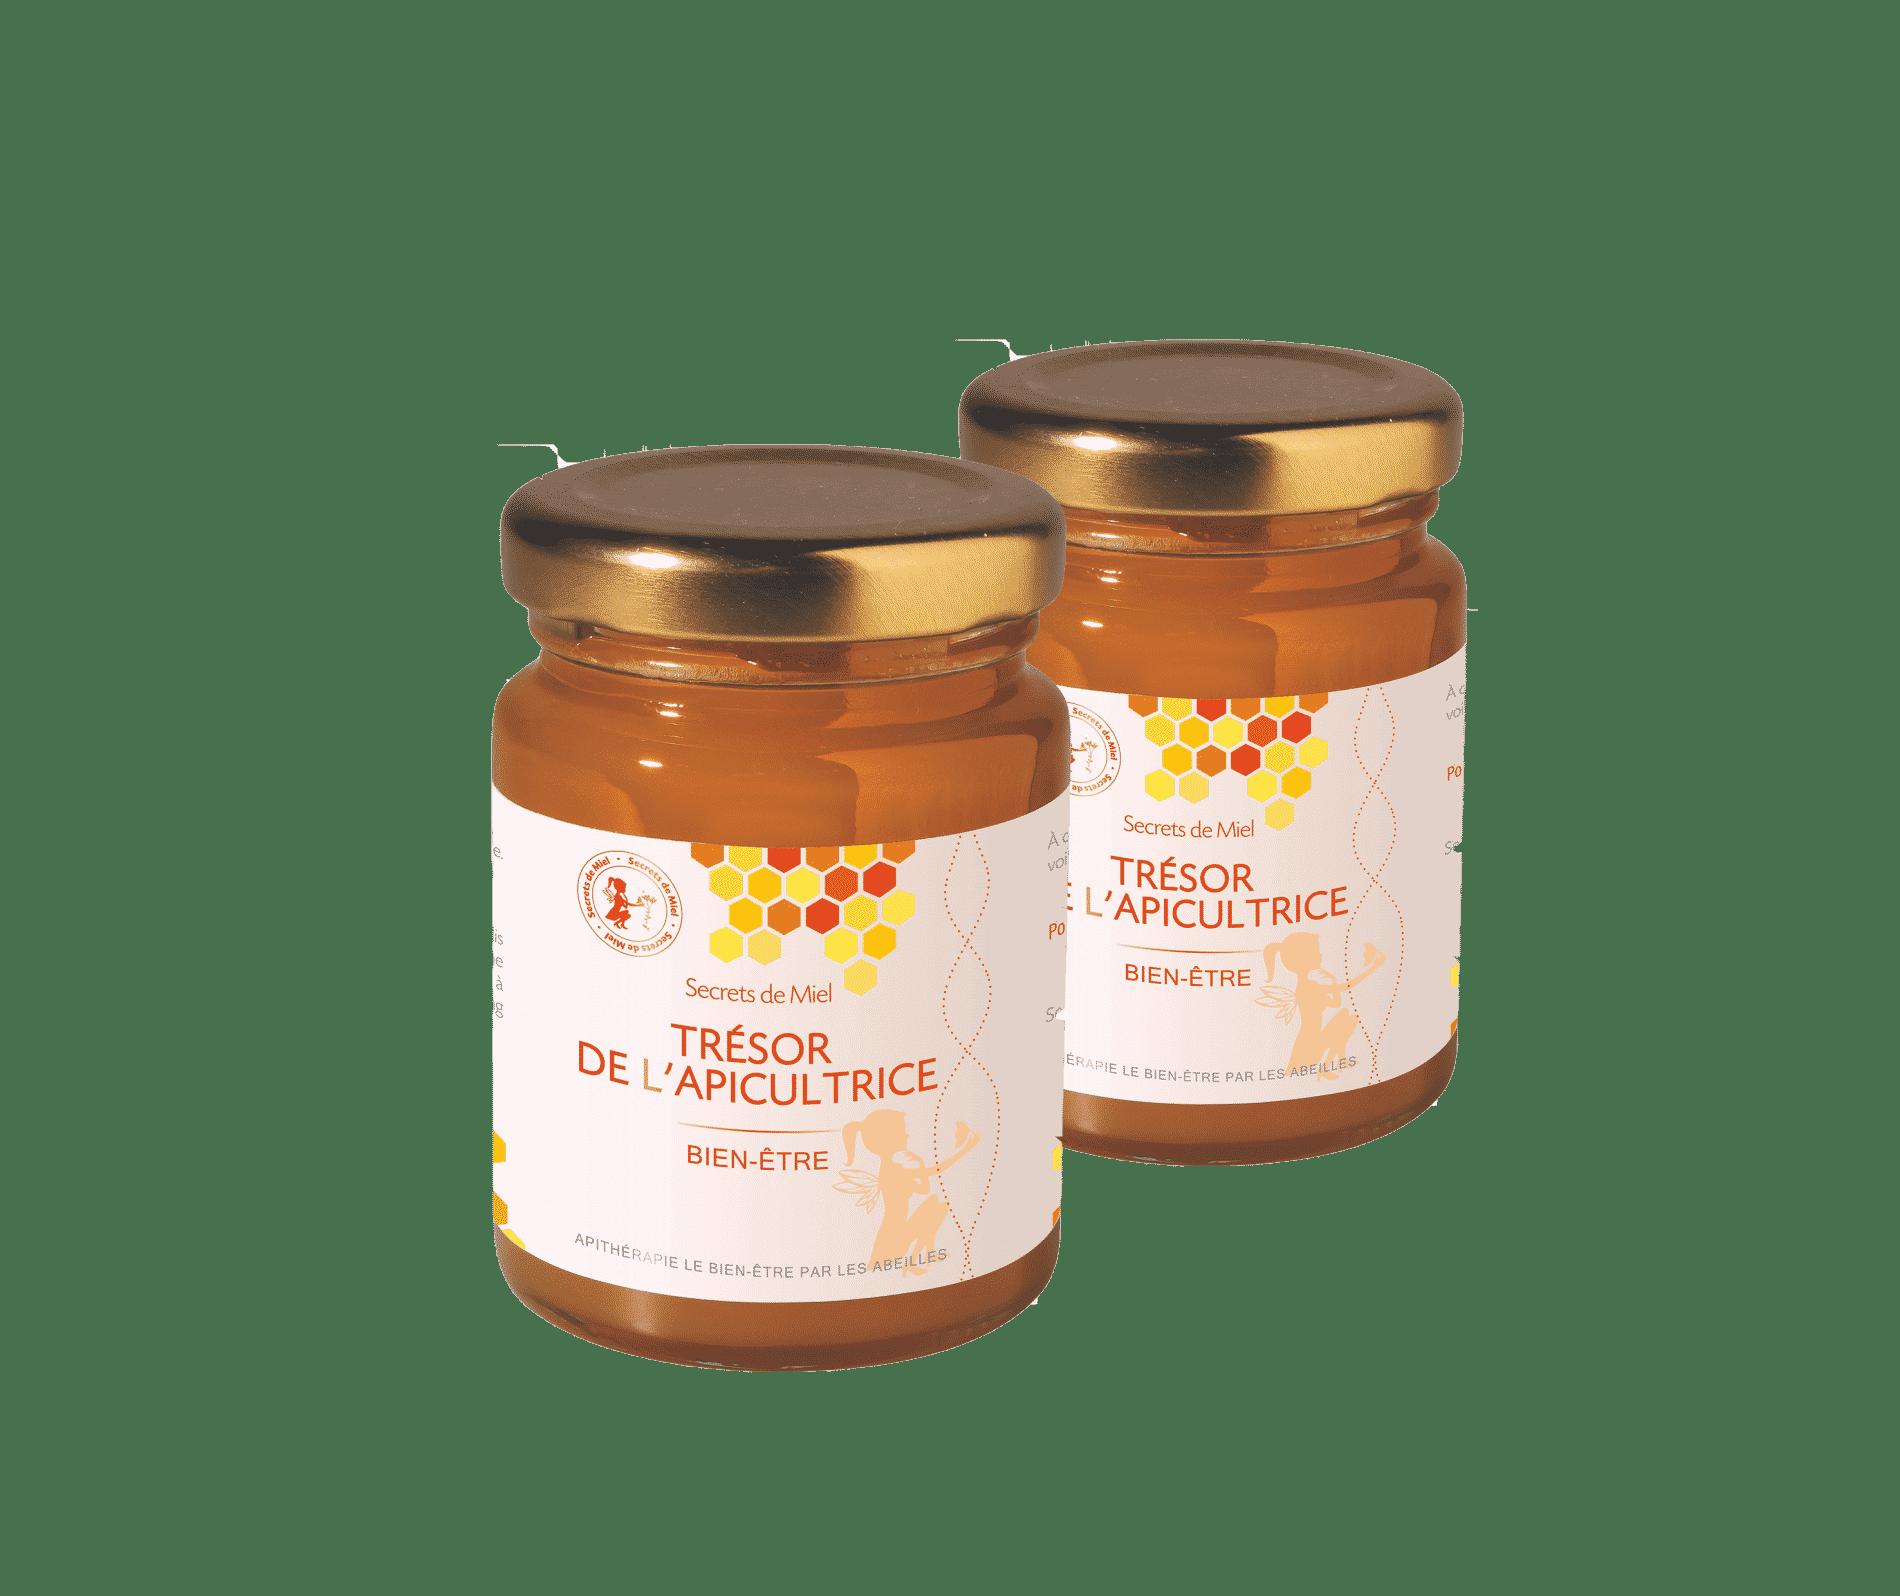 Trésor de l'Apiculture - Vitamines - Boost - Apiculture - Trésors de la ruche - Miel - Gelée Royale - Propolis - Produit naturel - Plantes - Secrets de Miel